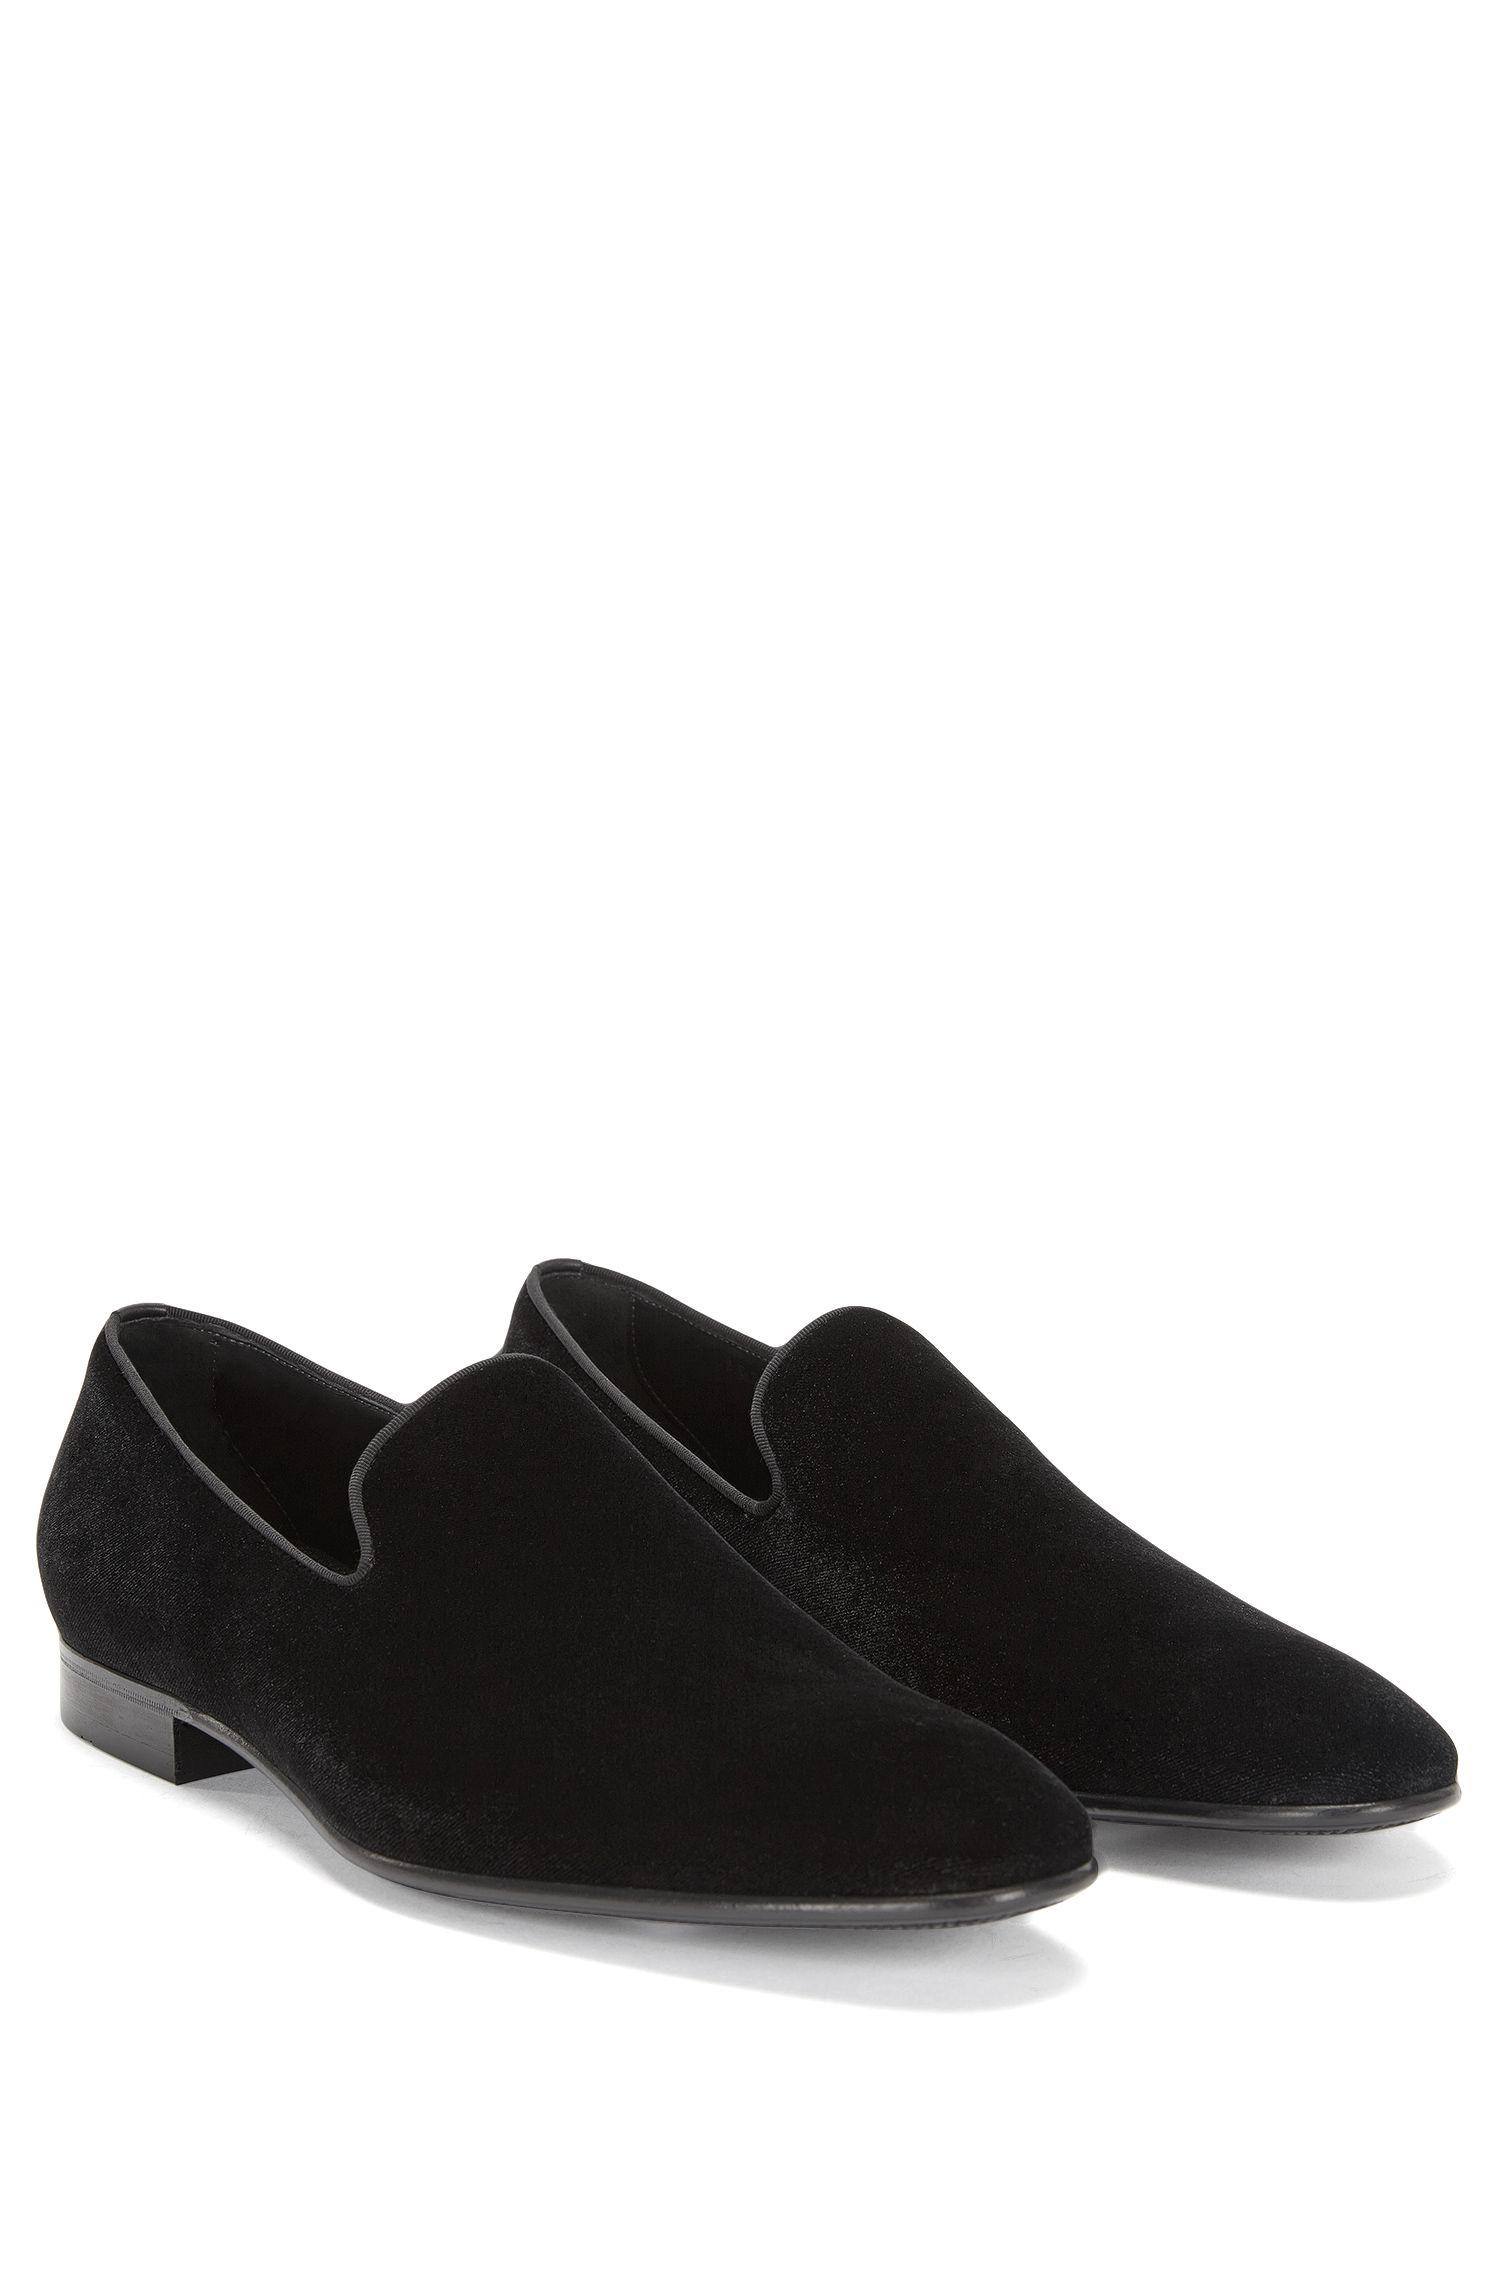 Cotton Blend Velvet Dress Loafer | Evening Loaf Vlt